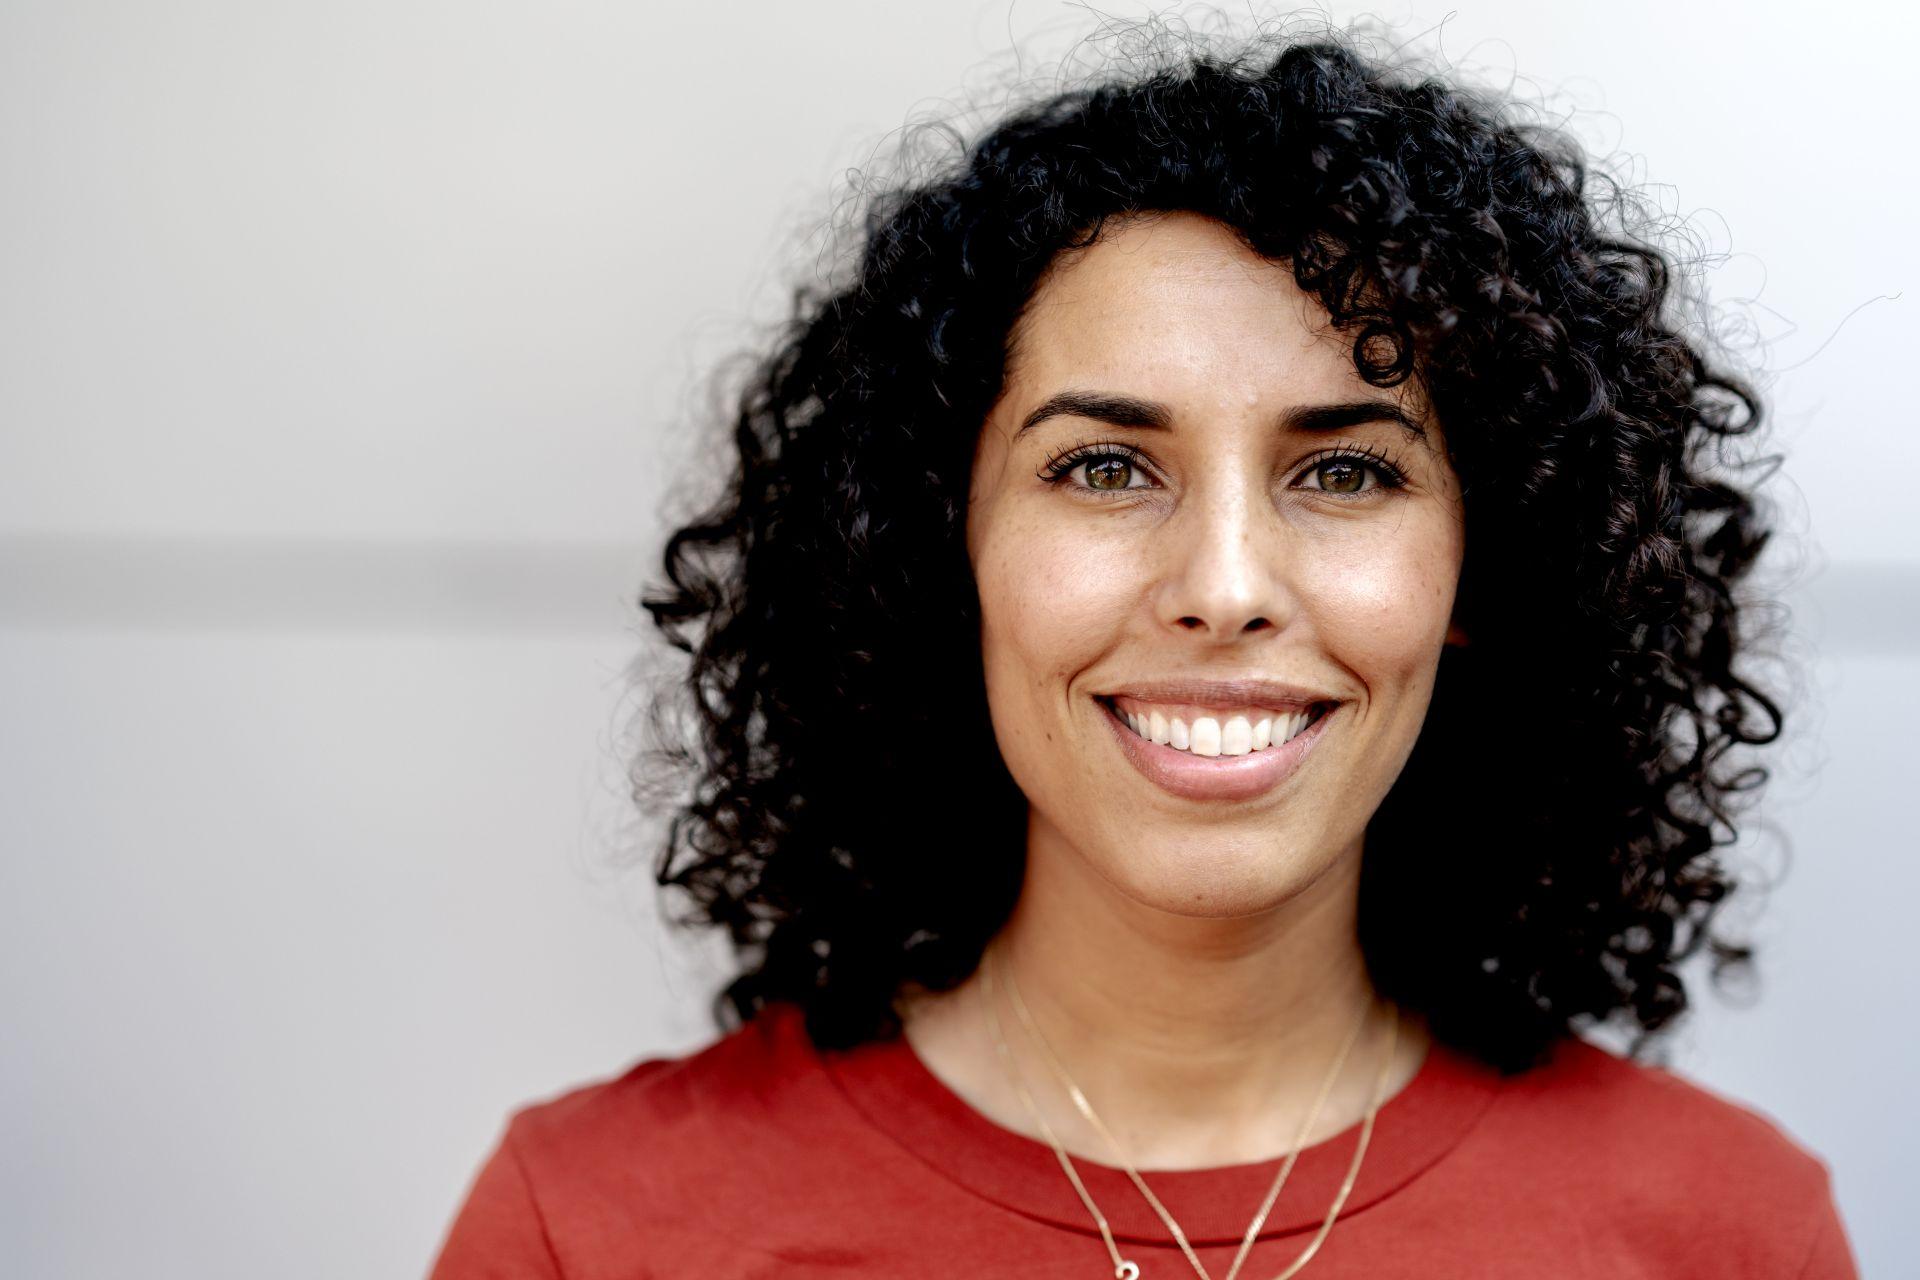 siham raijoul stapt over van jeugdjournaal naar hart van nederland villamedia